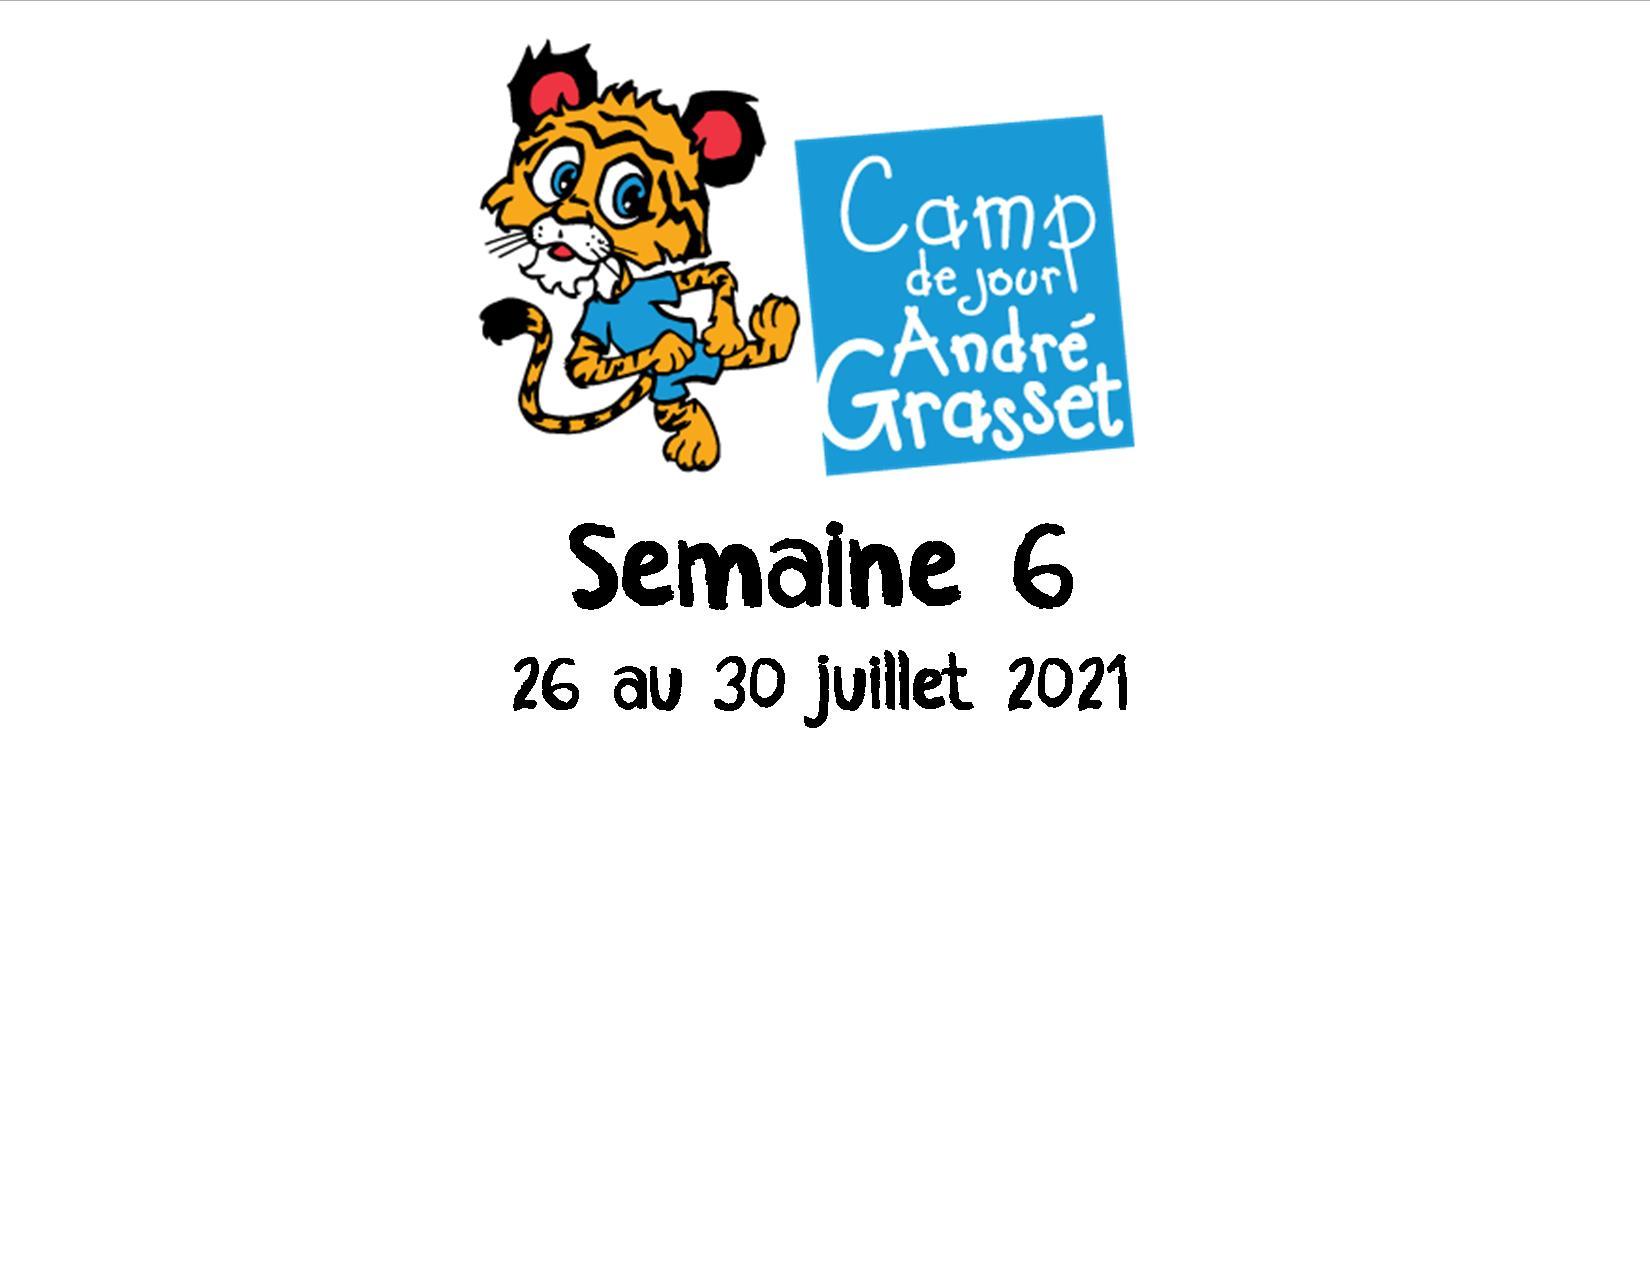 Semaine 6 (26 au 30 juillet 2021)